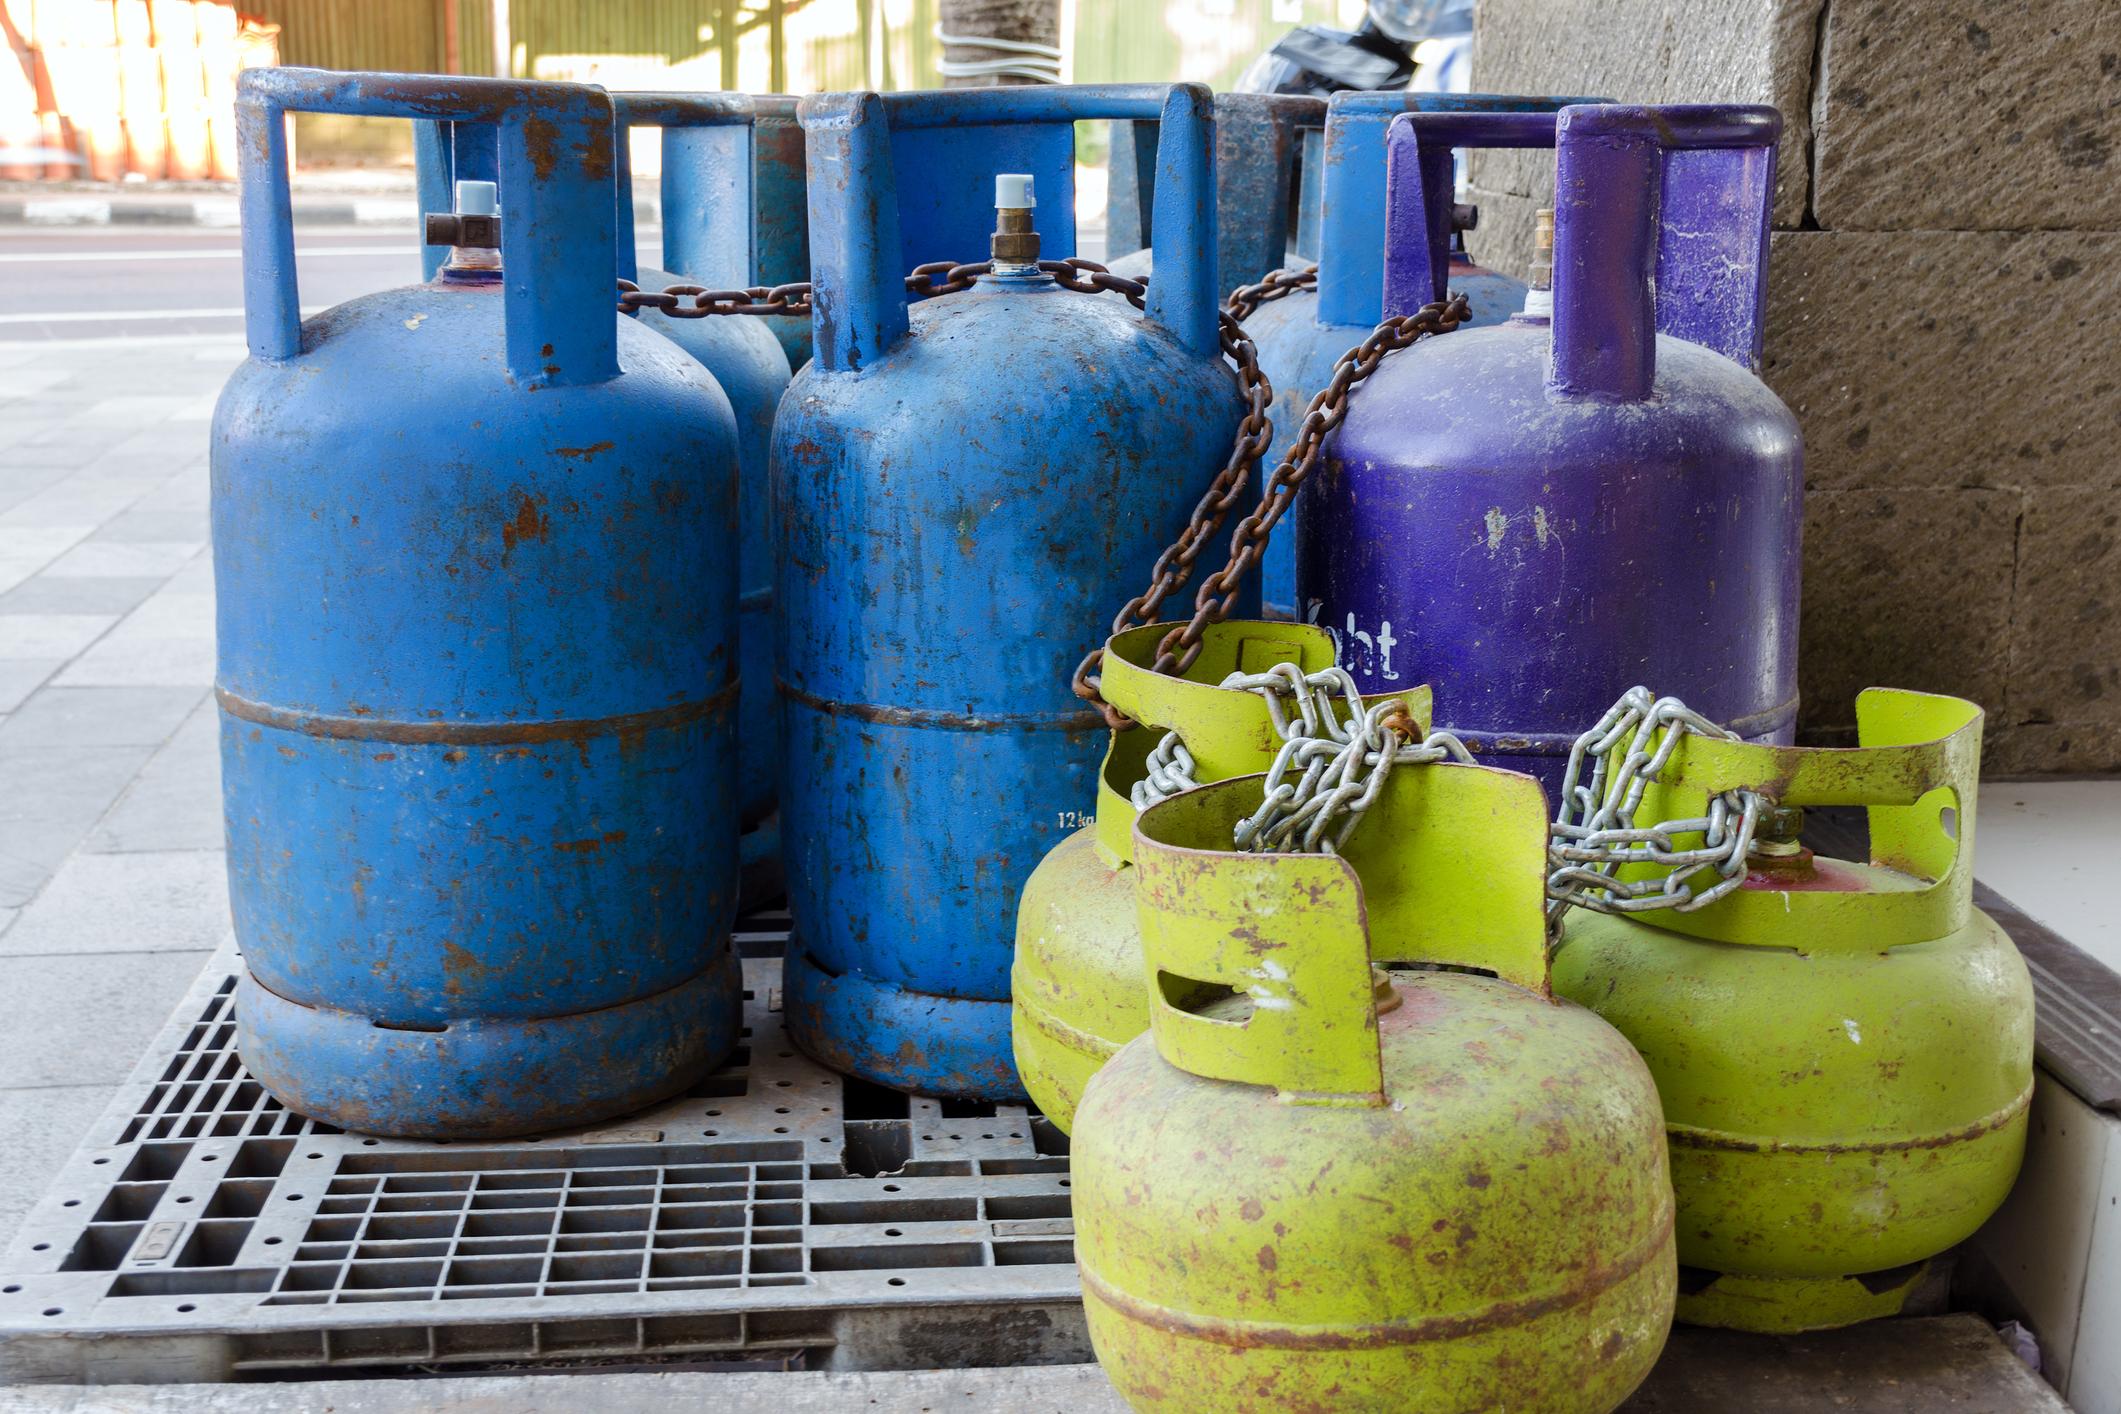 Subsidi Tabung Gas Elpiji 3 Kg Dicabut, Siap-Siap Harga Naik!